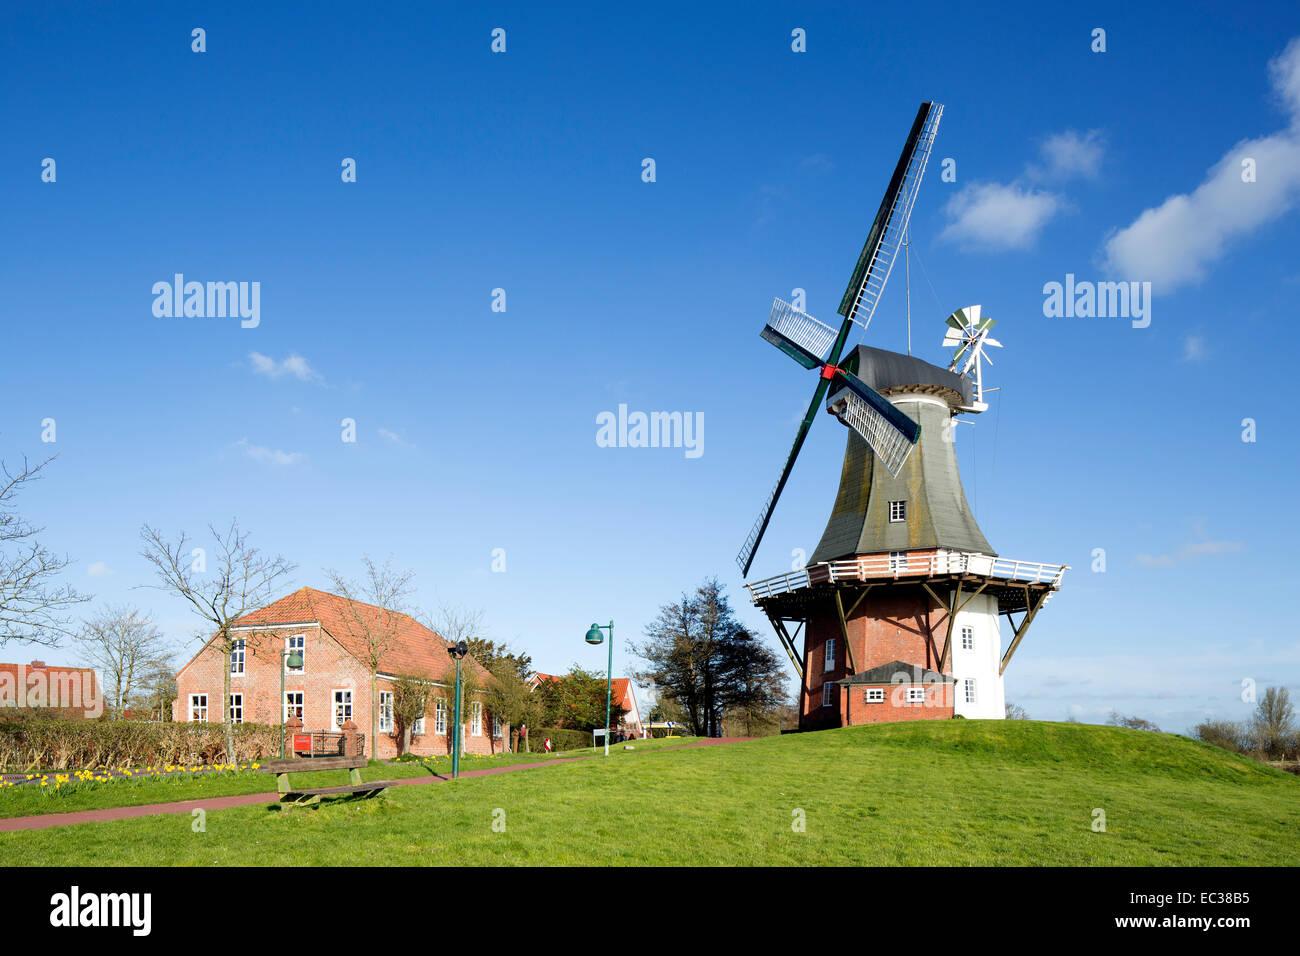 Grüne Windmühle, Greetsiel zwei Mühlen, Greetsiel, Krummhörn, Ostfriesland, Niedersachsen, Deutschland Stockbild